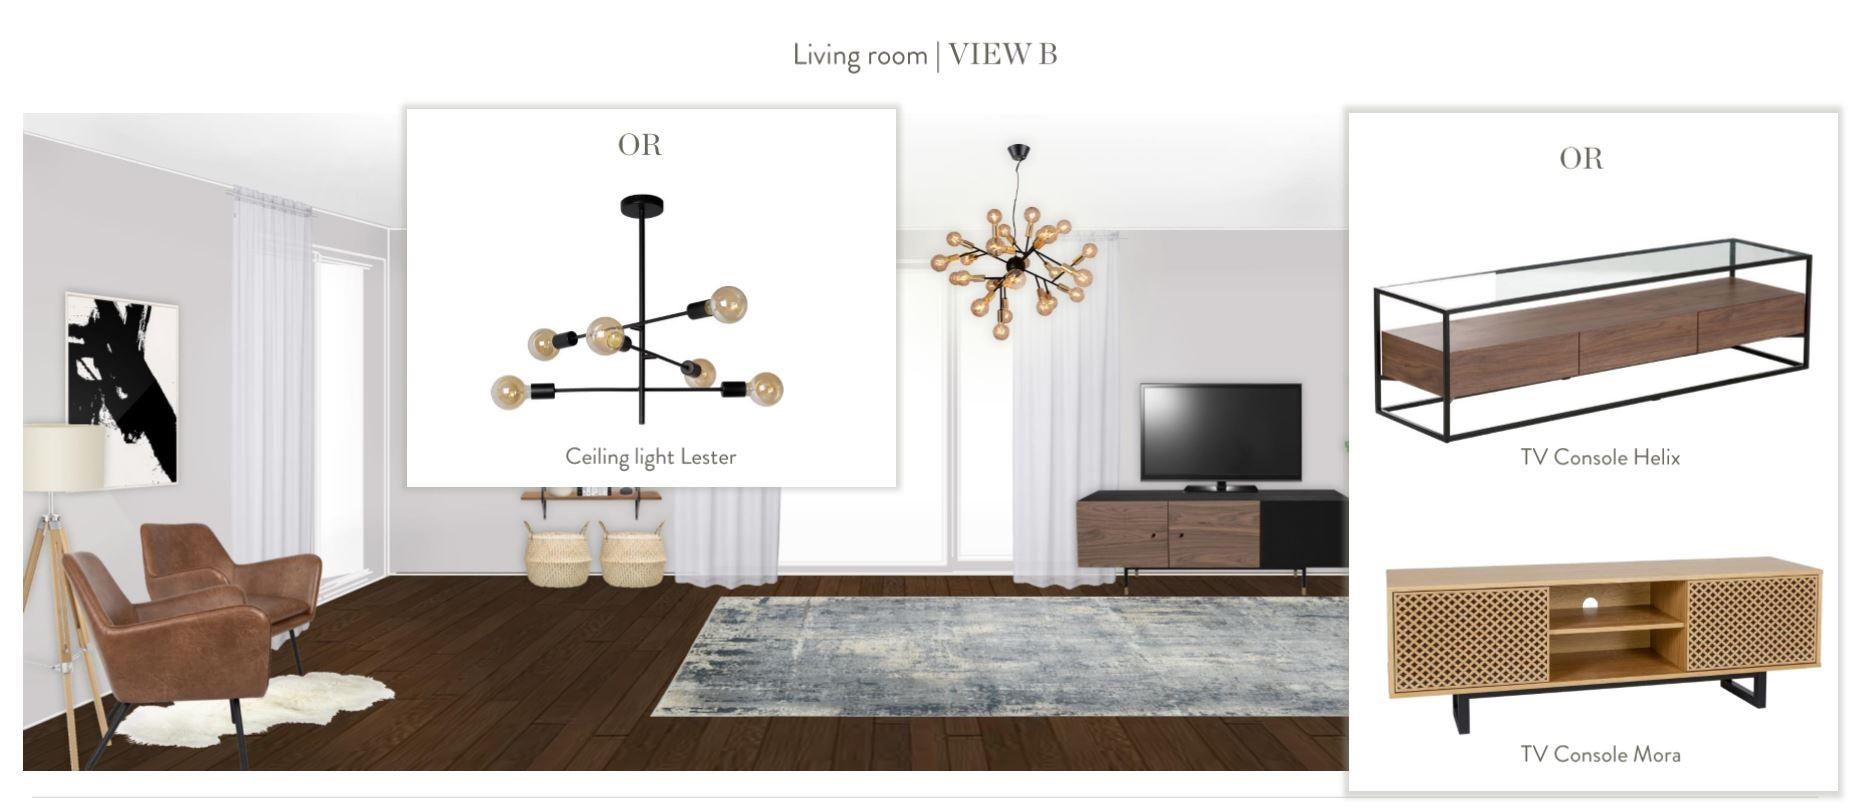 Neue Wohnung einrichten Wohnzimmer Entwurf andere Zimmerseite